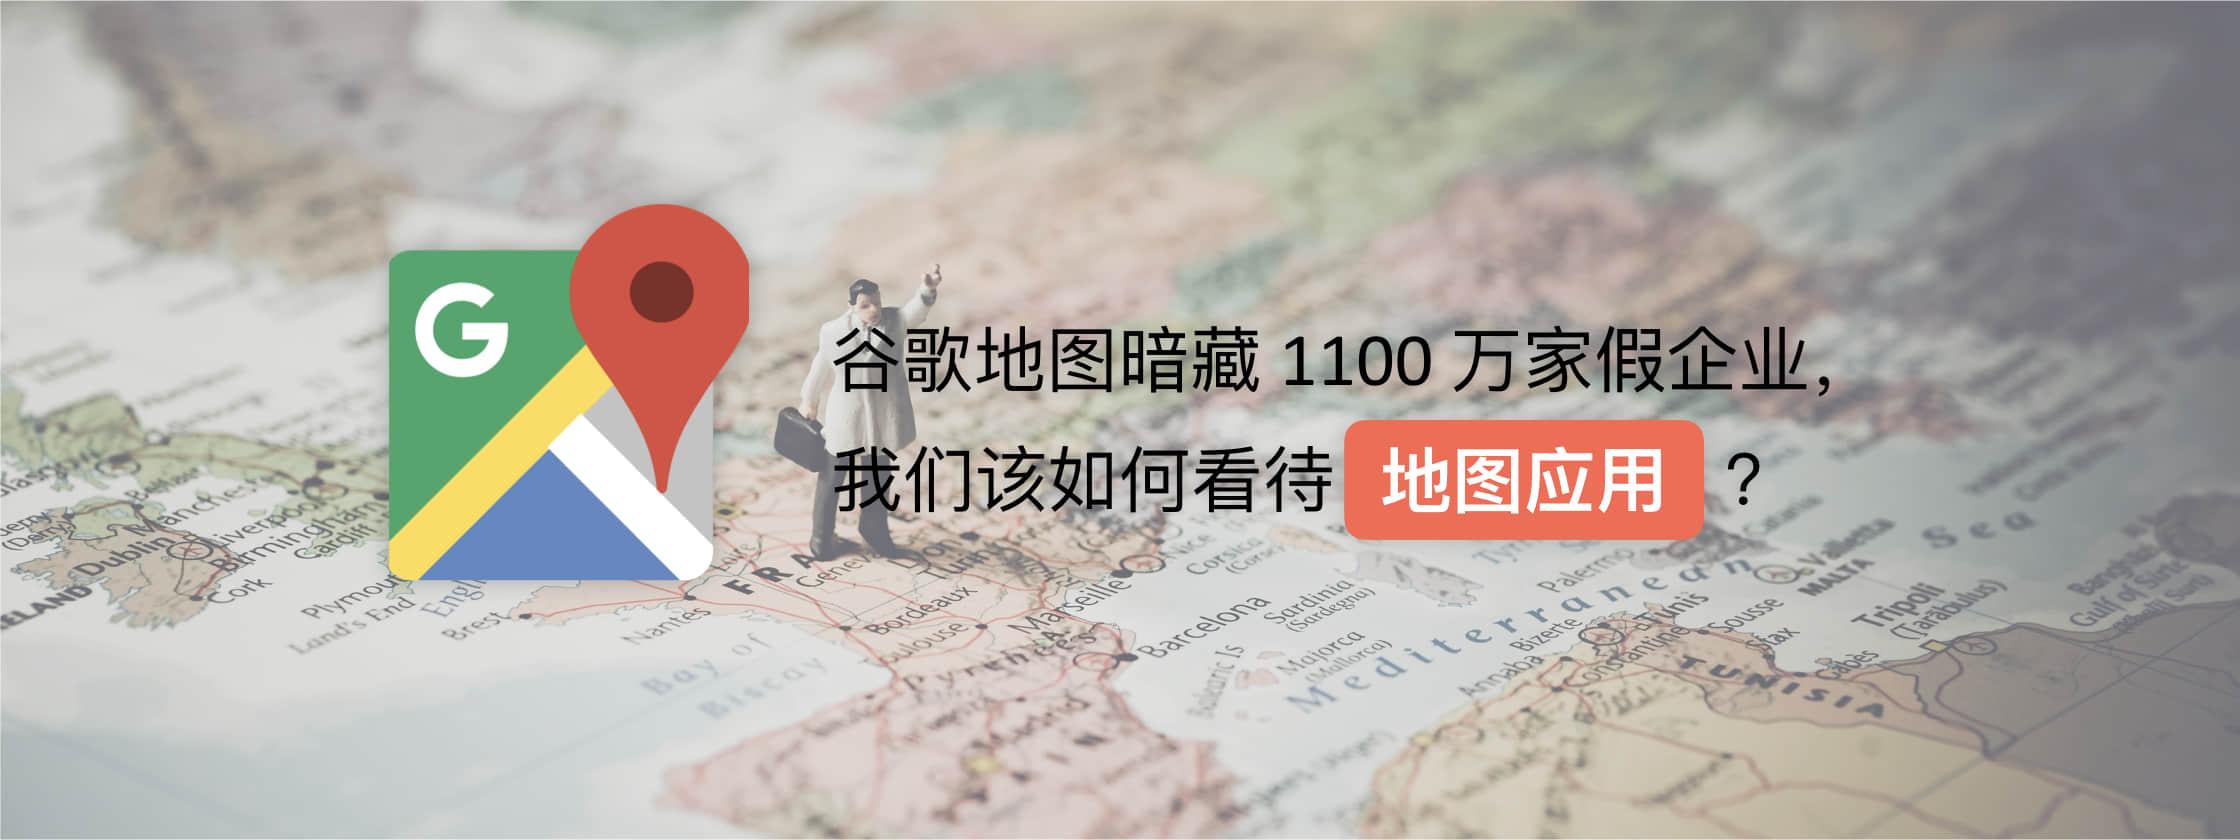 谷歌地图暗藏 1100 万家假企业,我们该如何看待地图应用?